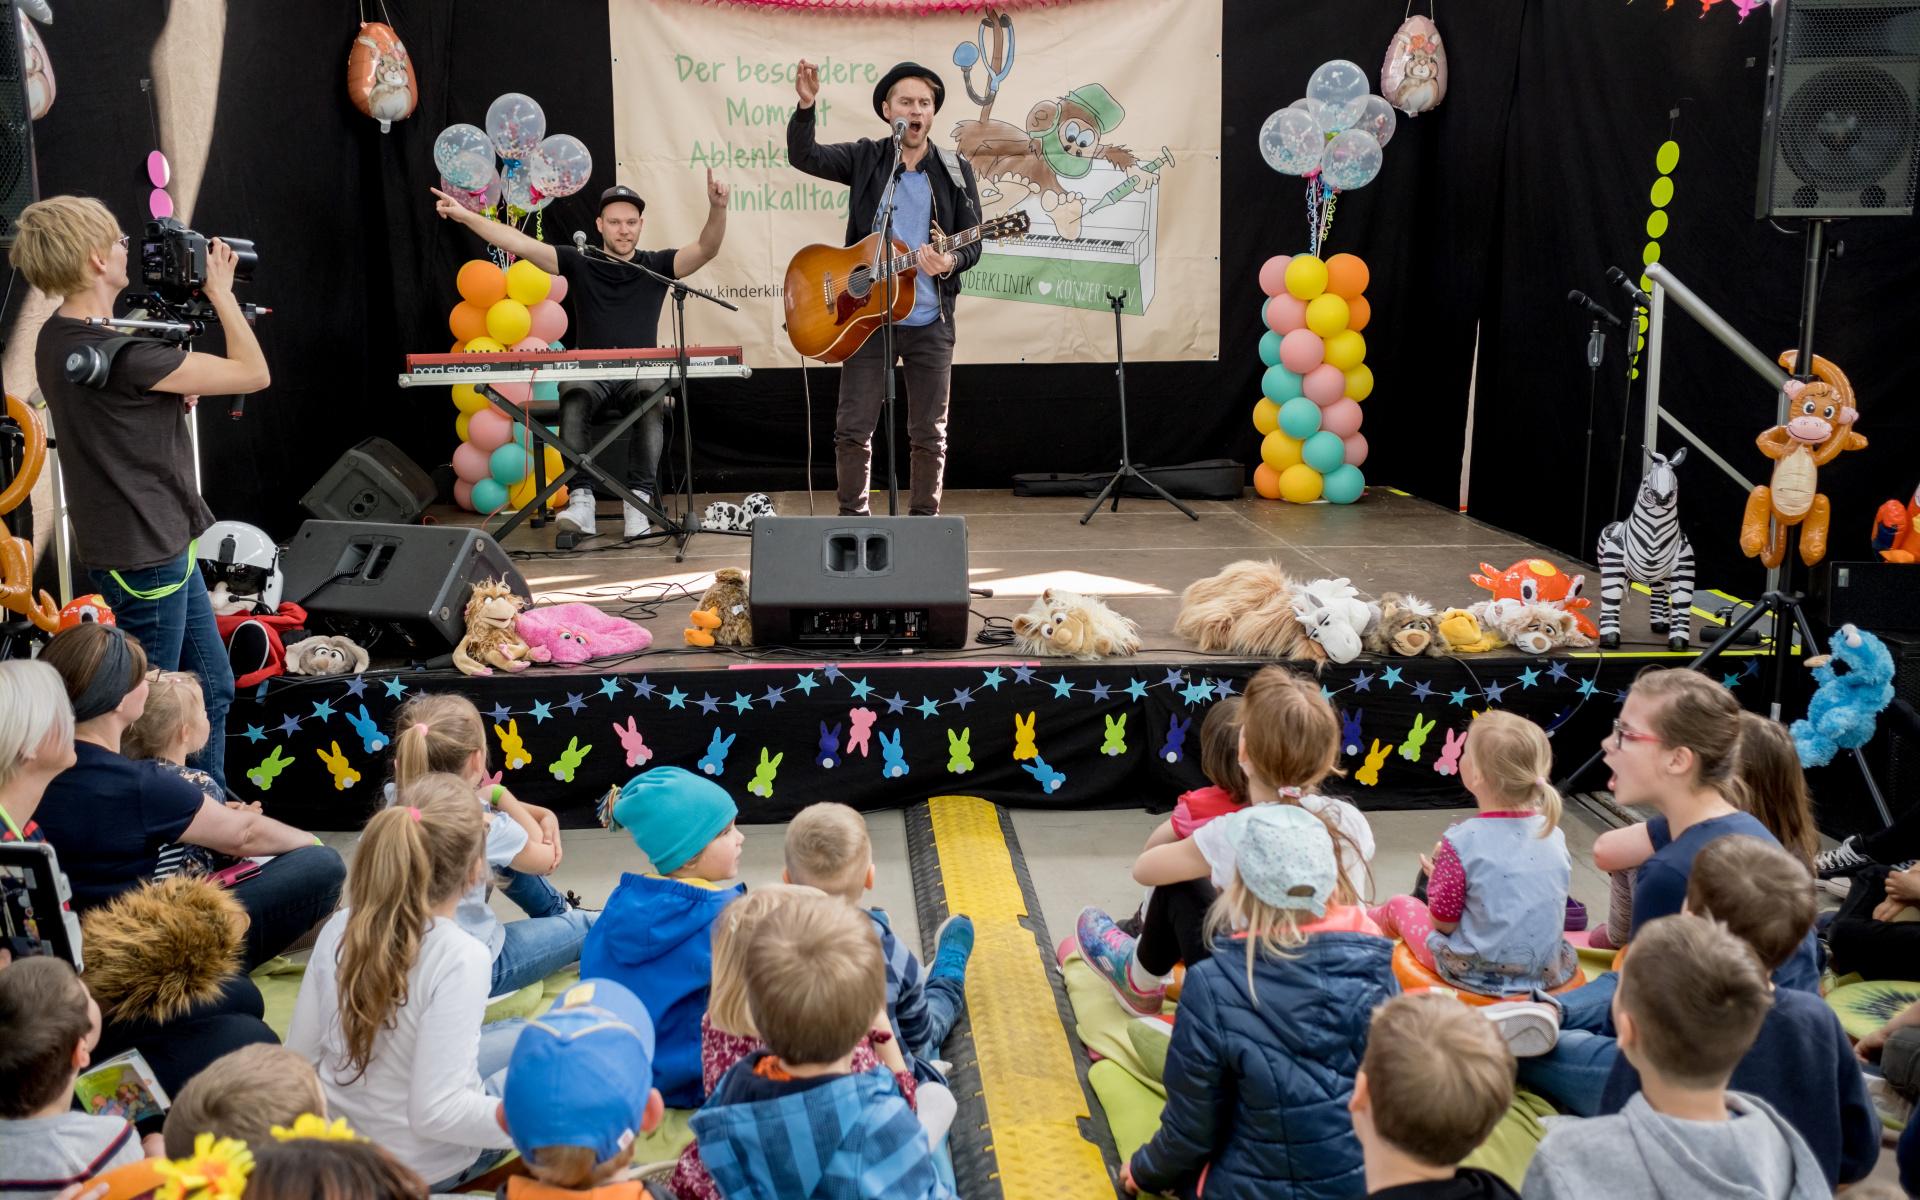 Bis zum Schluss war geheim, welcher Star beim Konzert auftreten wird. Dementsprechend groß war die Überraschung und Freude bei den Kleinen. Foto: Andreas Lander